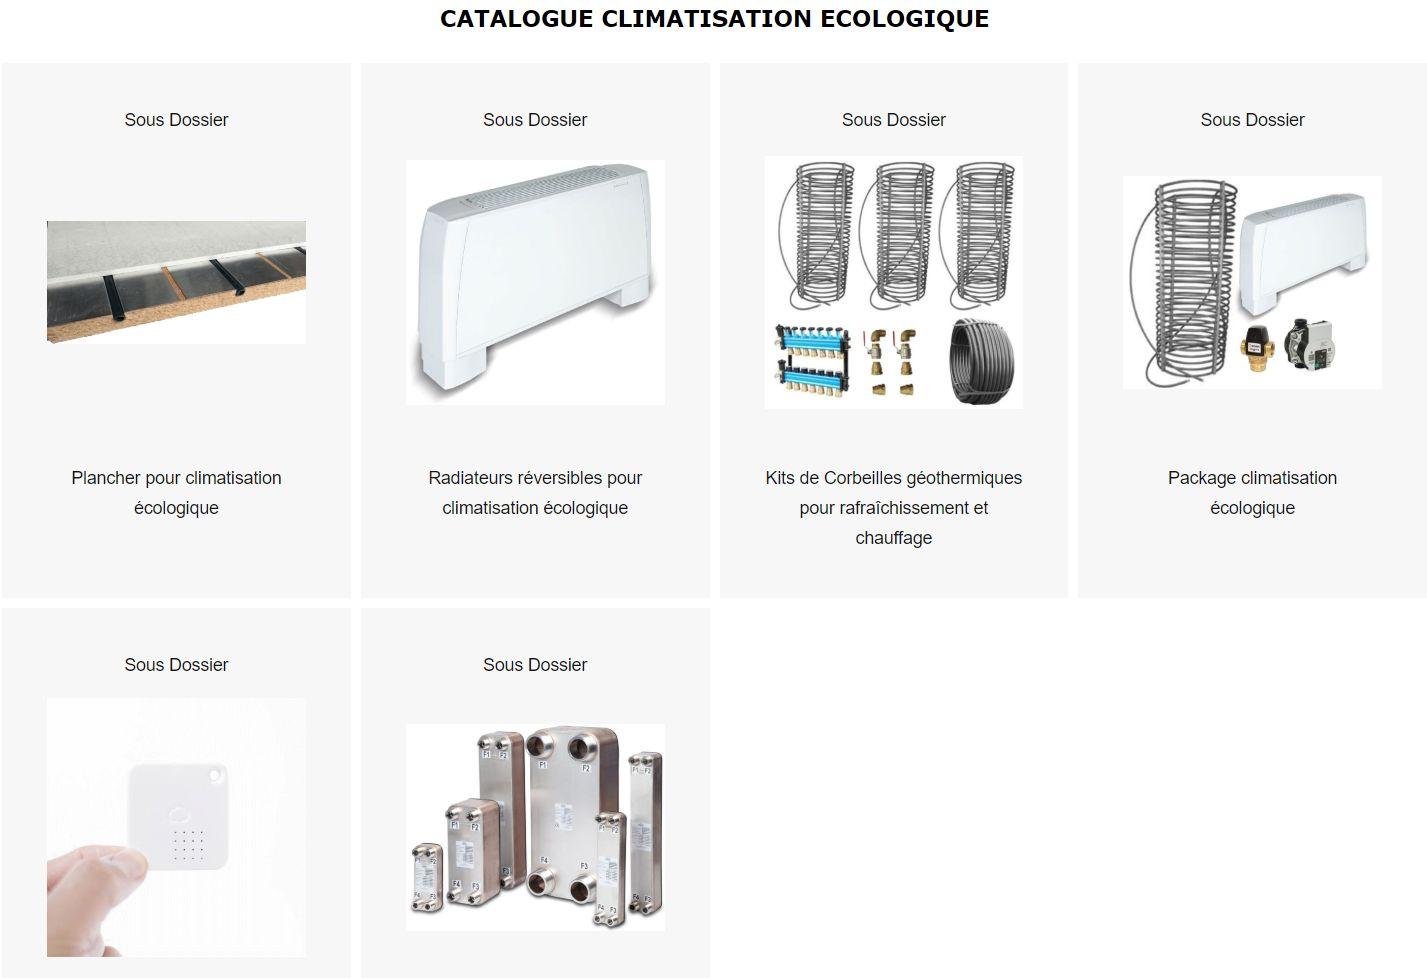 Catalogue de la climatisation écologique